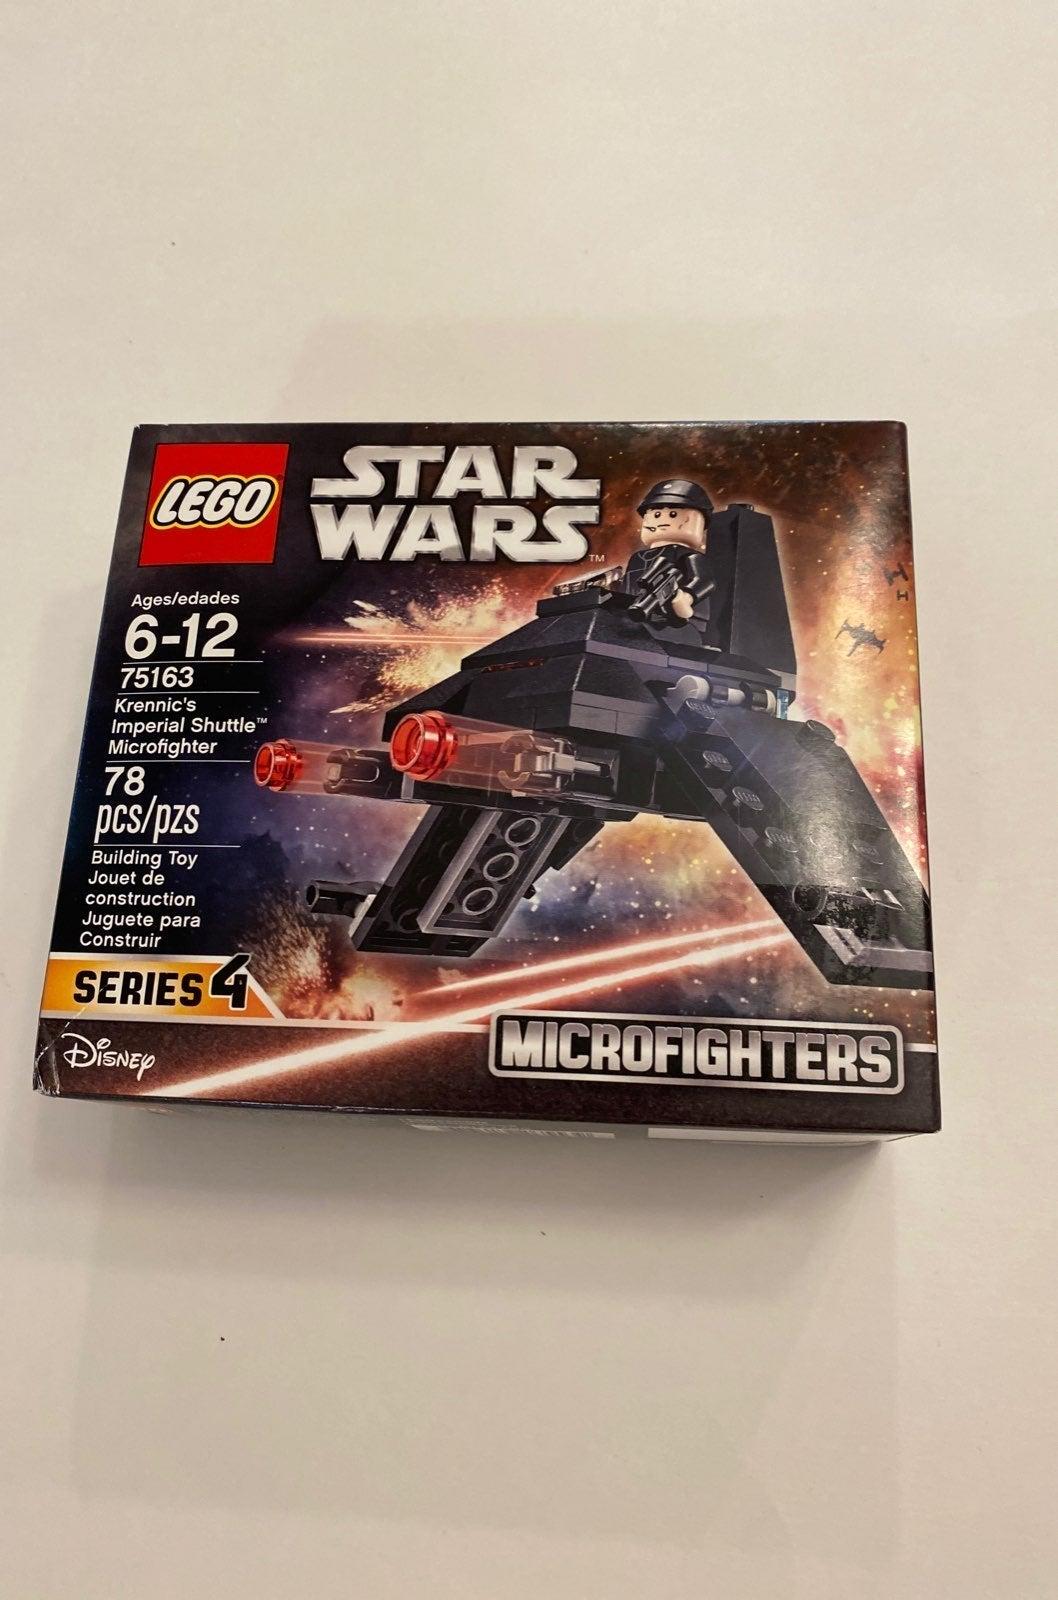 LEGO Star Wars set 75163